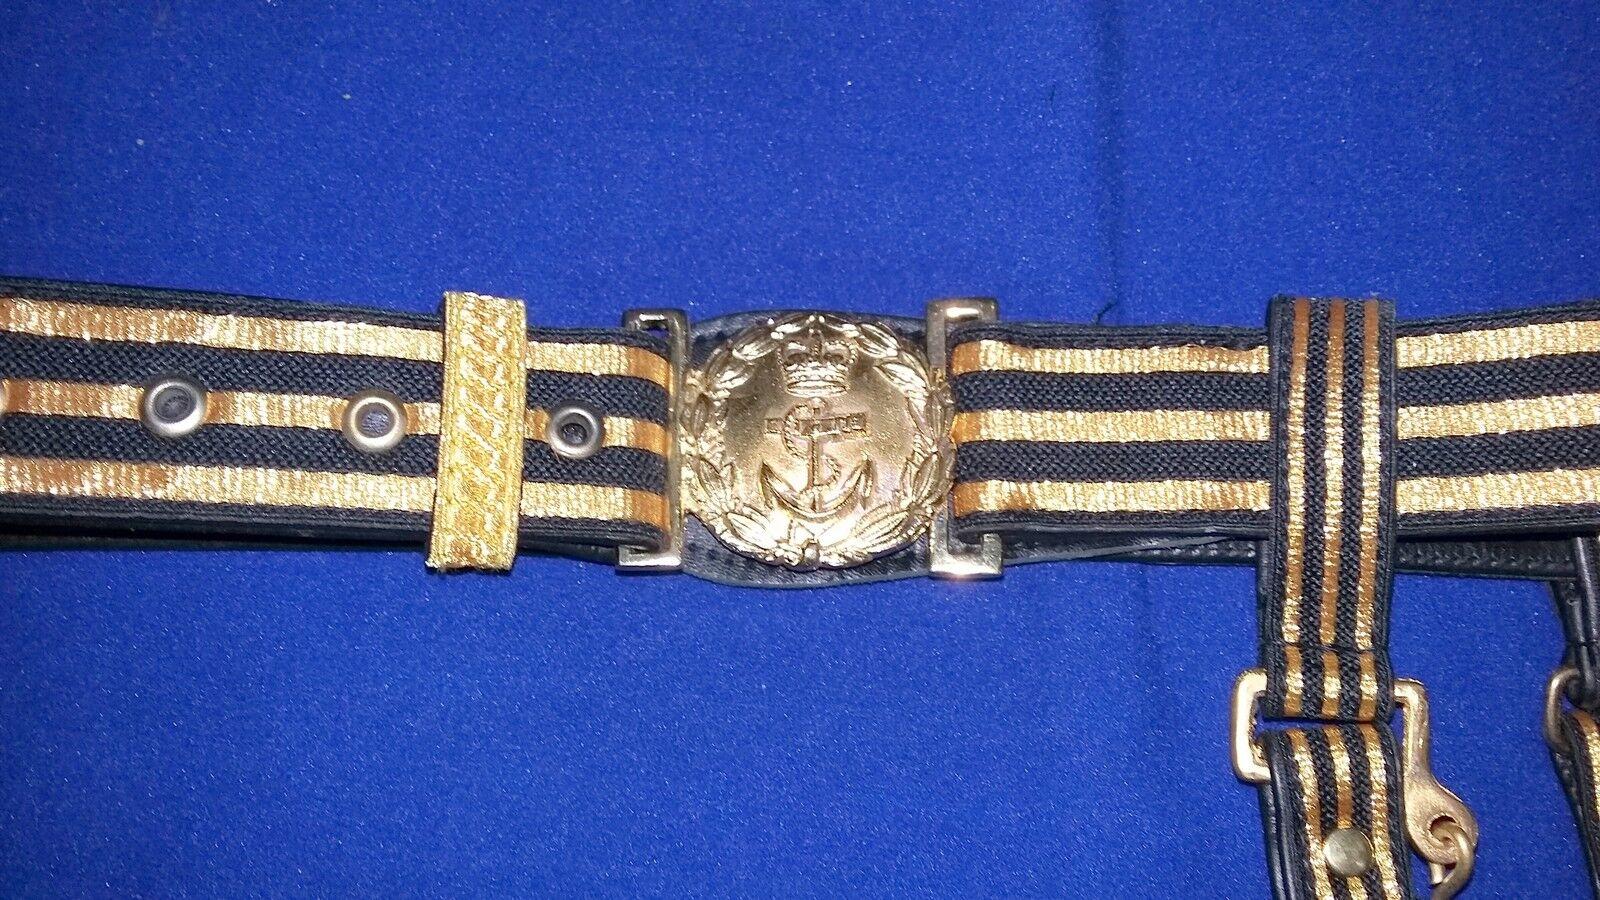 Rnf   Royal Navy Navy Navy fuerza de los Funcionarios Reglamento De Cuero Negro Espada cinturón   Lb50 f7380d